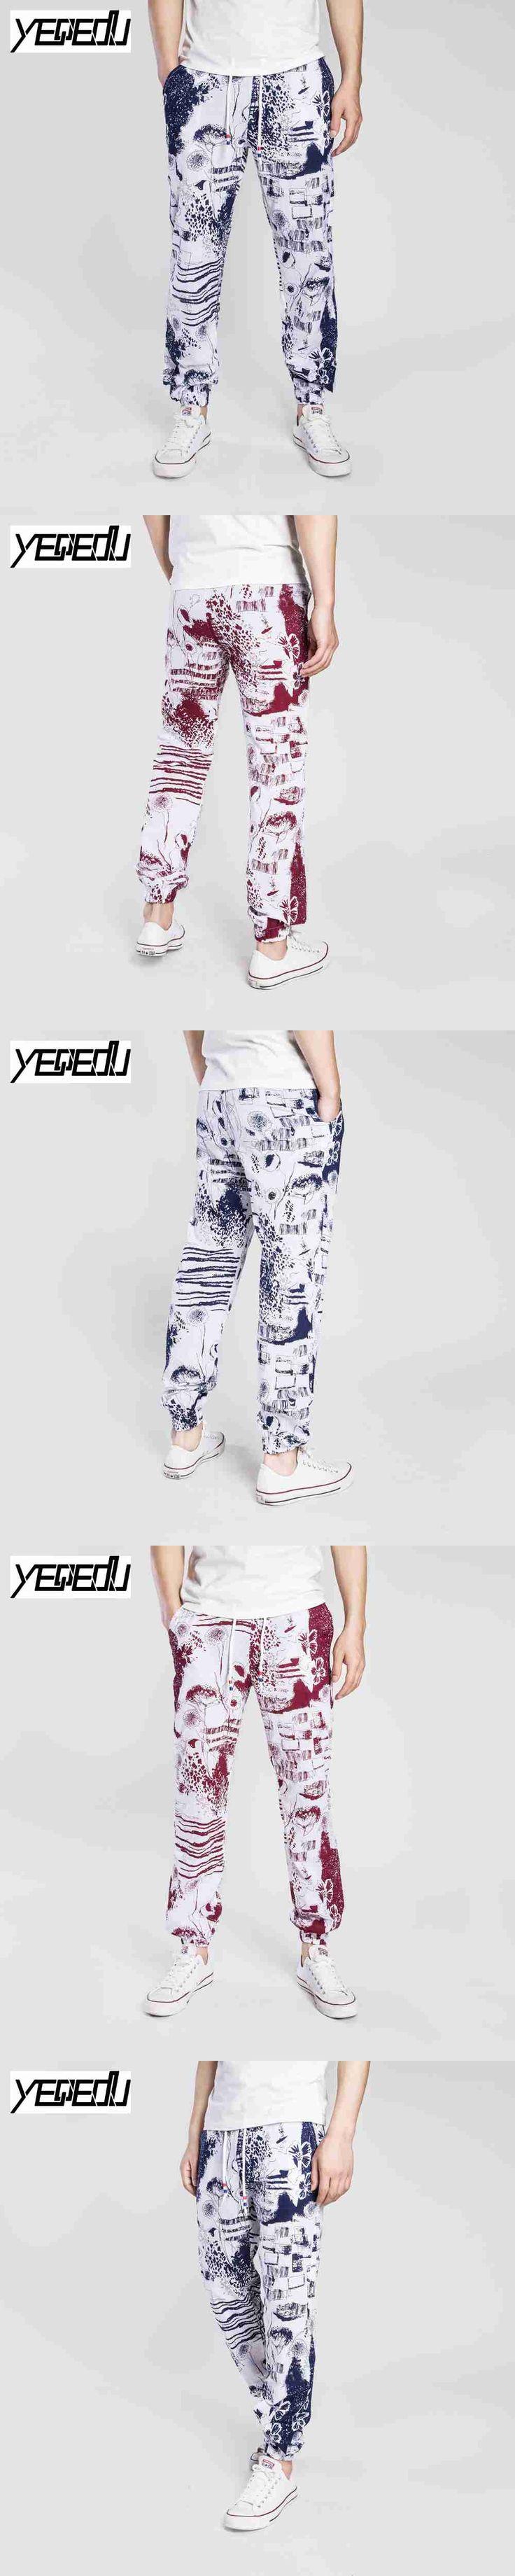 #1550 Hip hop pants Vintage Fashion Tie dye Printed trousers Joggers Loose Elastic waist Linen pants men Pantalones hombre